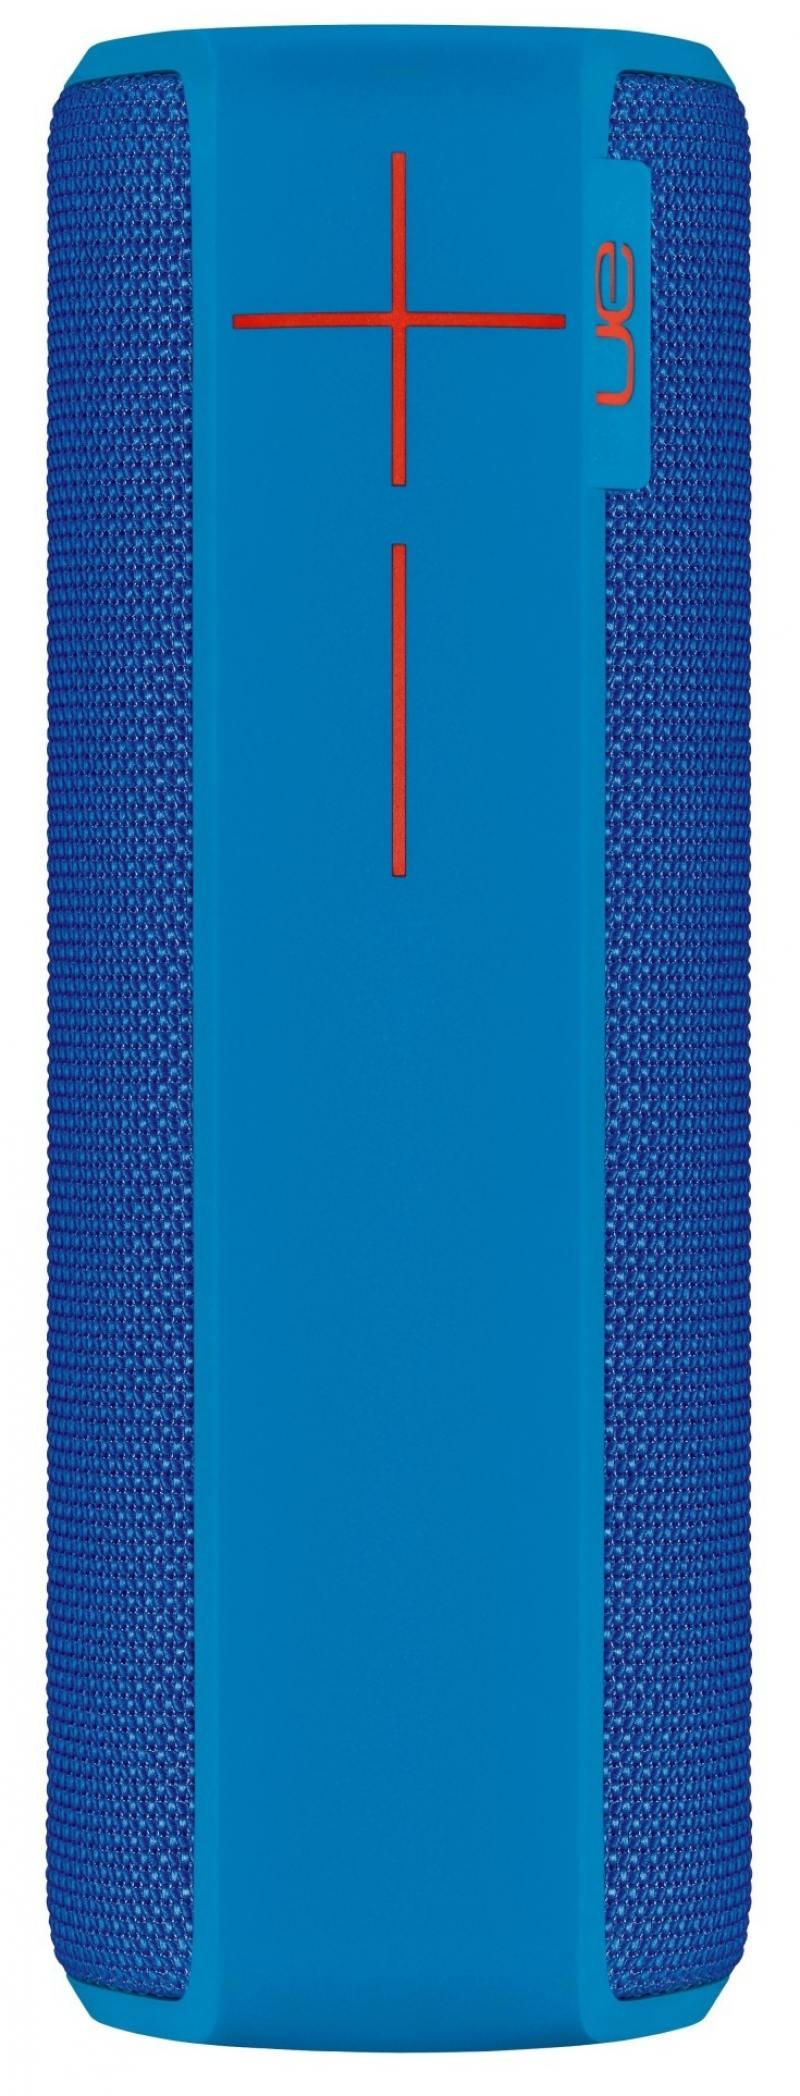 Портативная колонка Logitech UE Boom 2 Blue (984-000558) 90 - 20000 Гц, Bluetooth, USB, Влагозащищенность